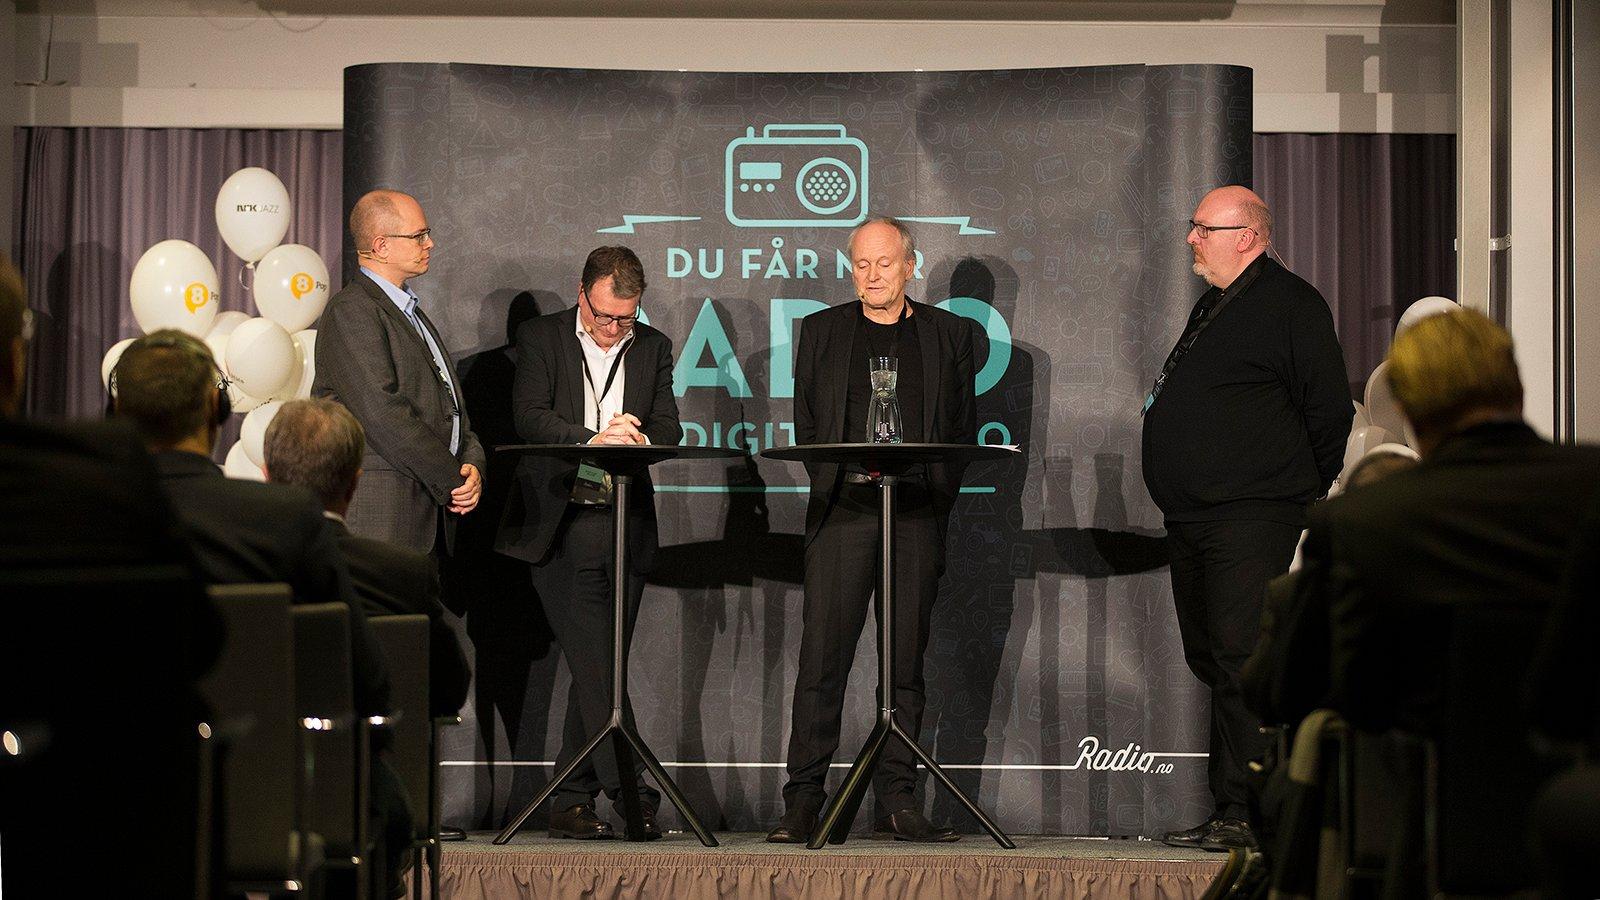 Jon Bradaes - Radio 4.0. Norvegia, Branaes (NRK): switch-off FM vs DAB+ sofferto ma indispensabile. La radio ha perso ascolti, ma li sta recuperando. FM non e' futuro. Importante e' non essere mediati da OTT